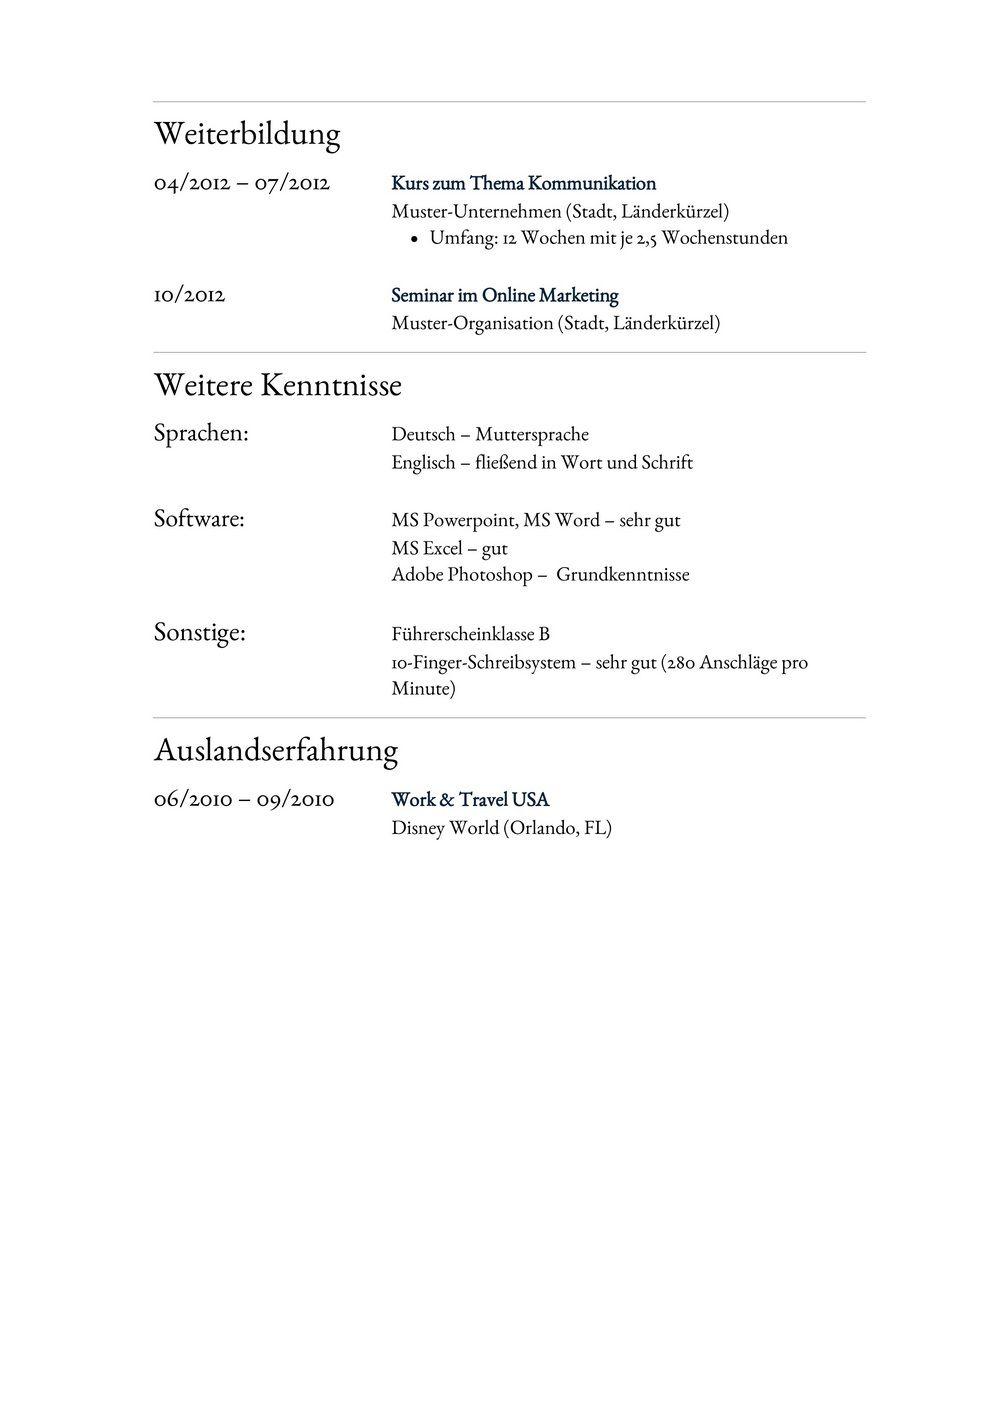 Lebenslauf Muster für Anwaltsgehilfe   Lebenslauf Designs